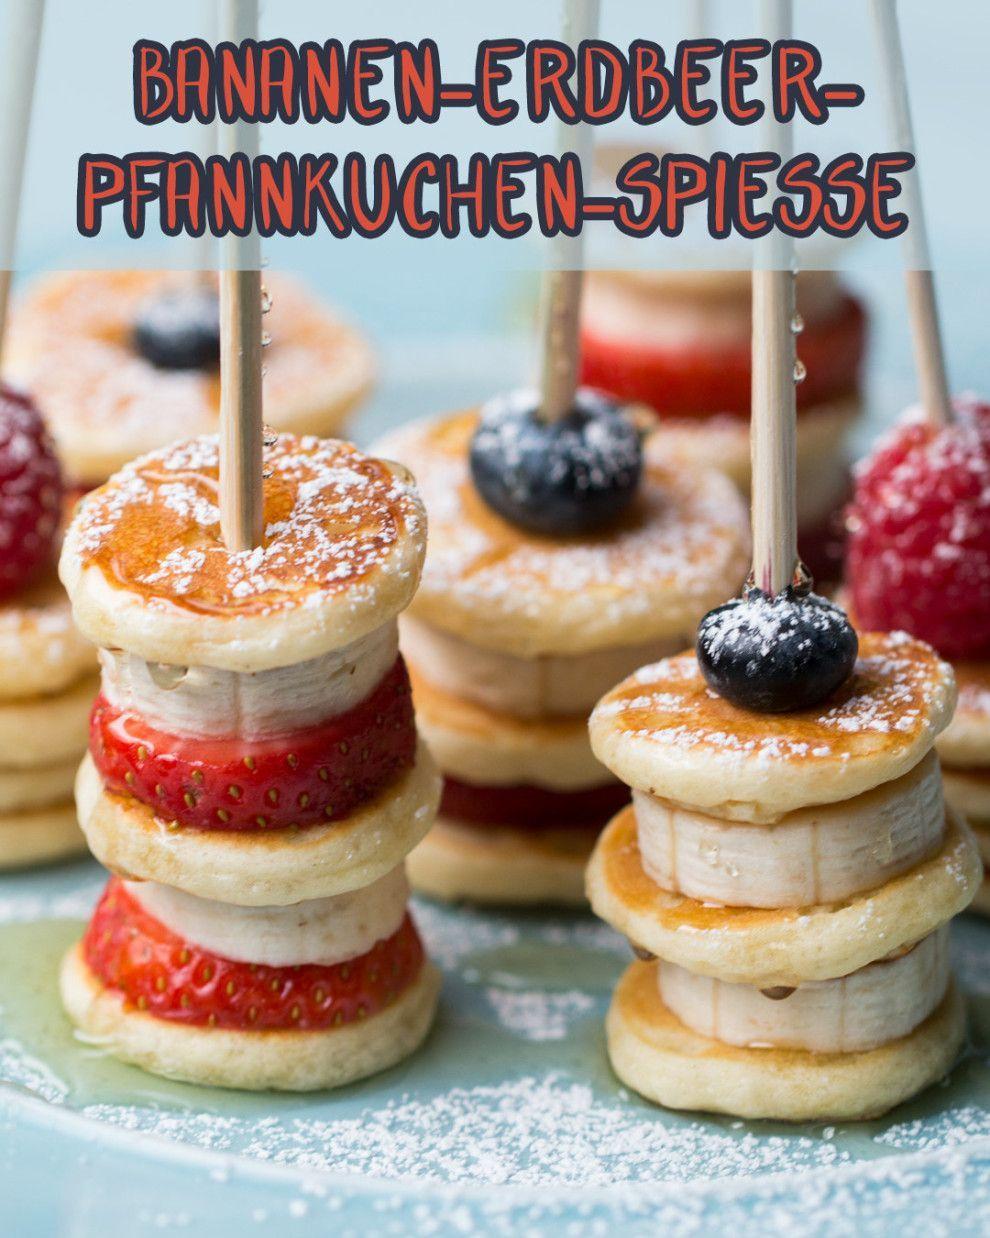 Diese Bananen-Erdbeer-Pfannkuchen-Spieße eignen sich perfekt für Frühstück, Dessert, Nachmittagssnack und immer   - food - #BananenErdbeerPfannkuchenSpieße #Dessert #Diese #eignen #Food #Frühstück #fuer #immer #Nachmittagssnack #Perfekt #sich #und